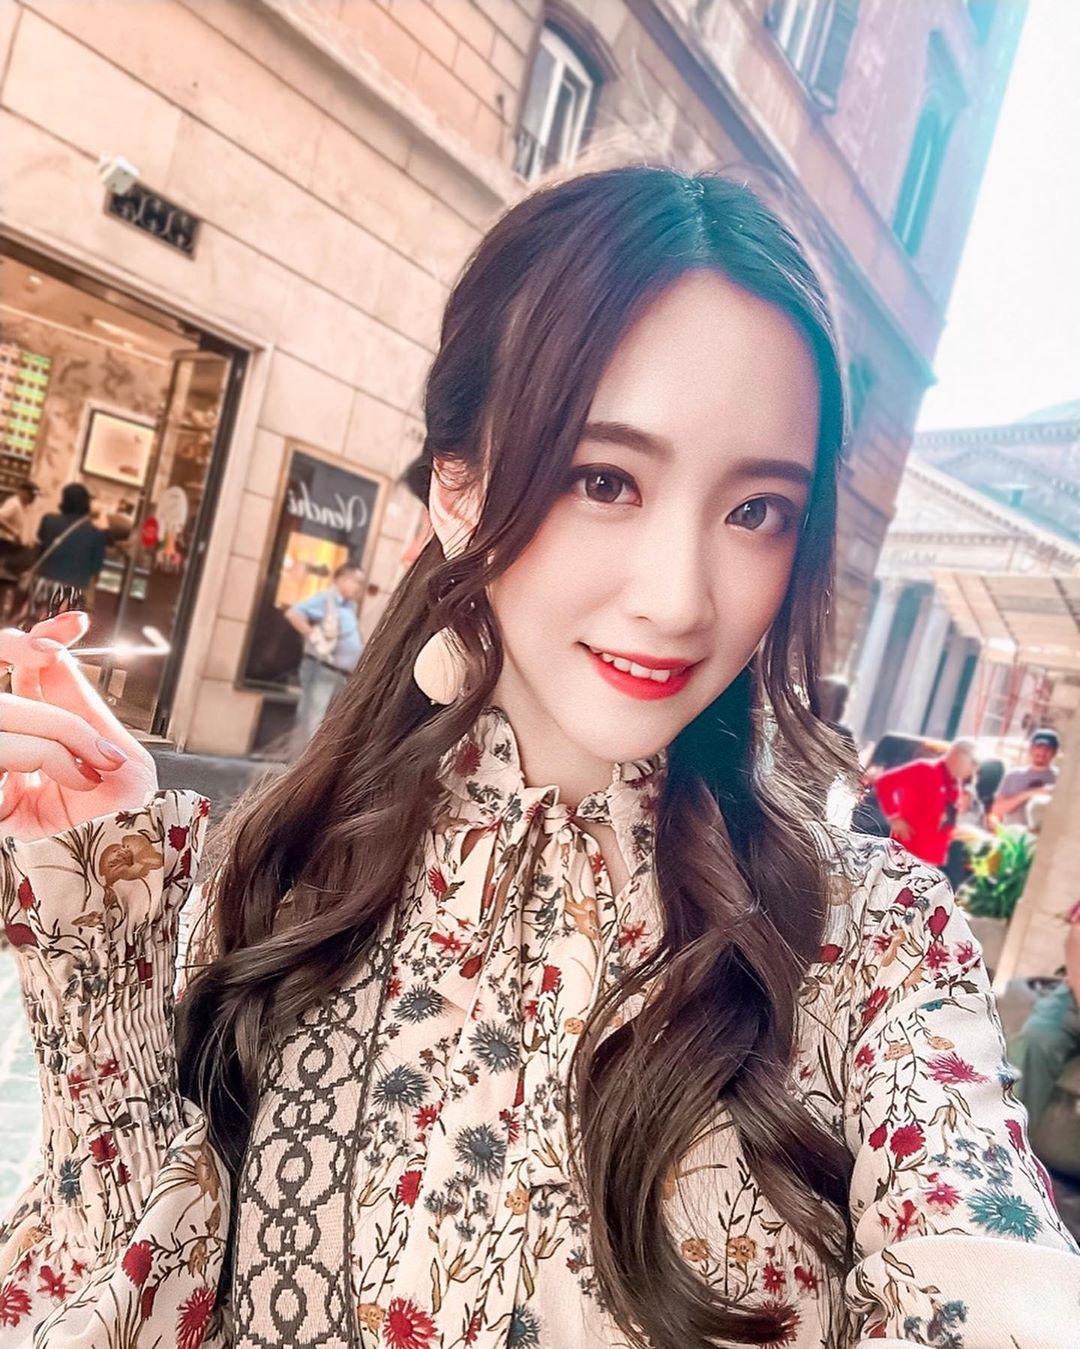 古典型音樂正妹彤兒-王宇彤  卻也擁有玲瓏有緻的好身材 - 美女圖 -